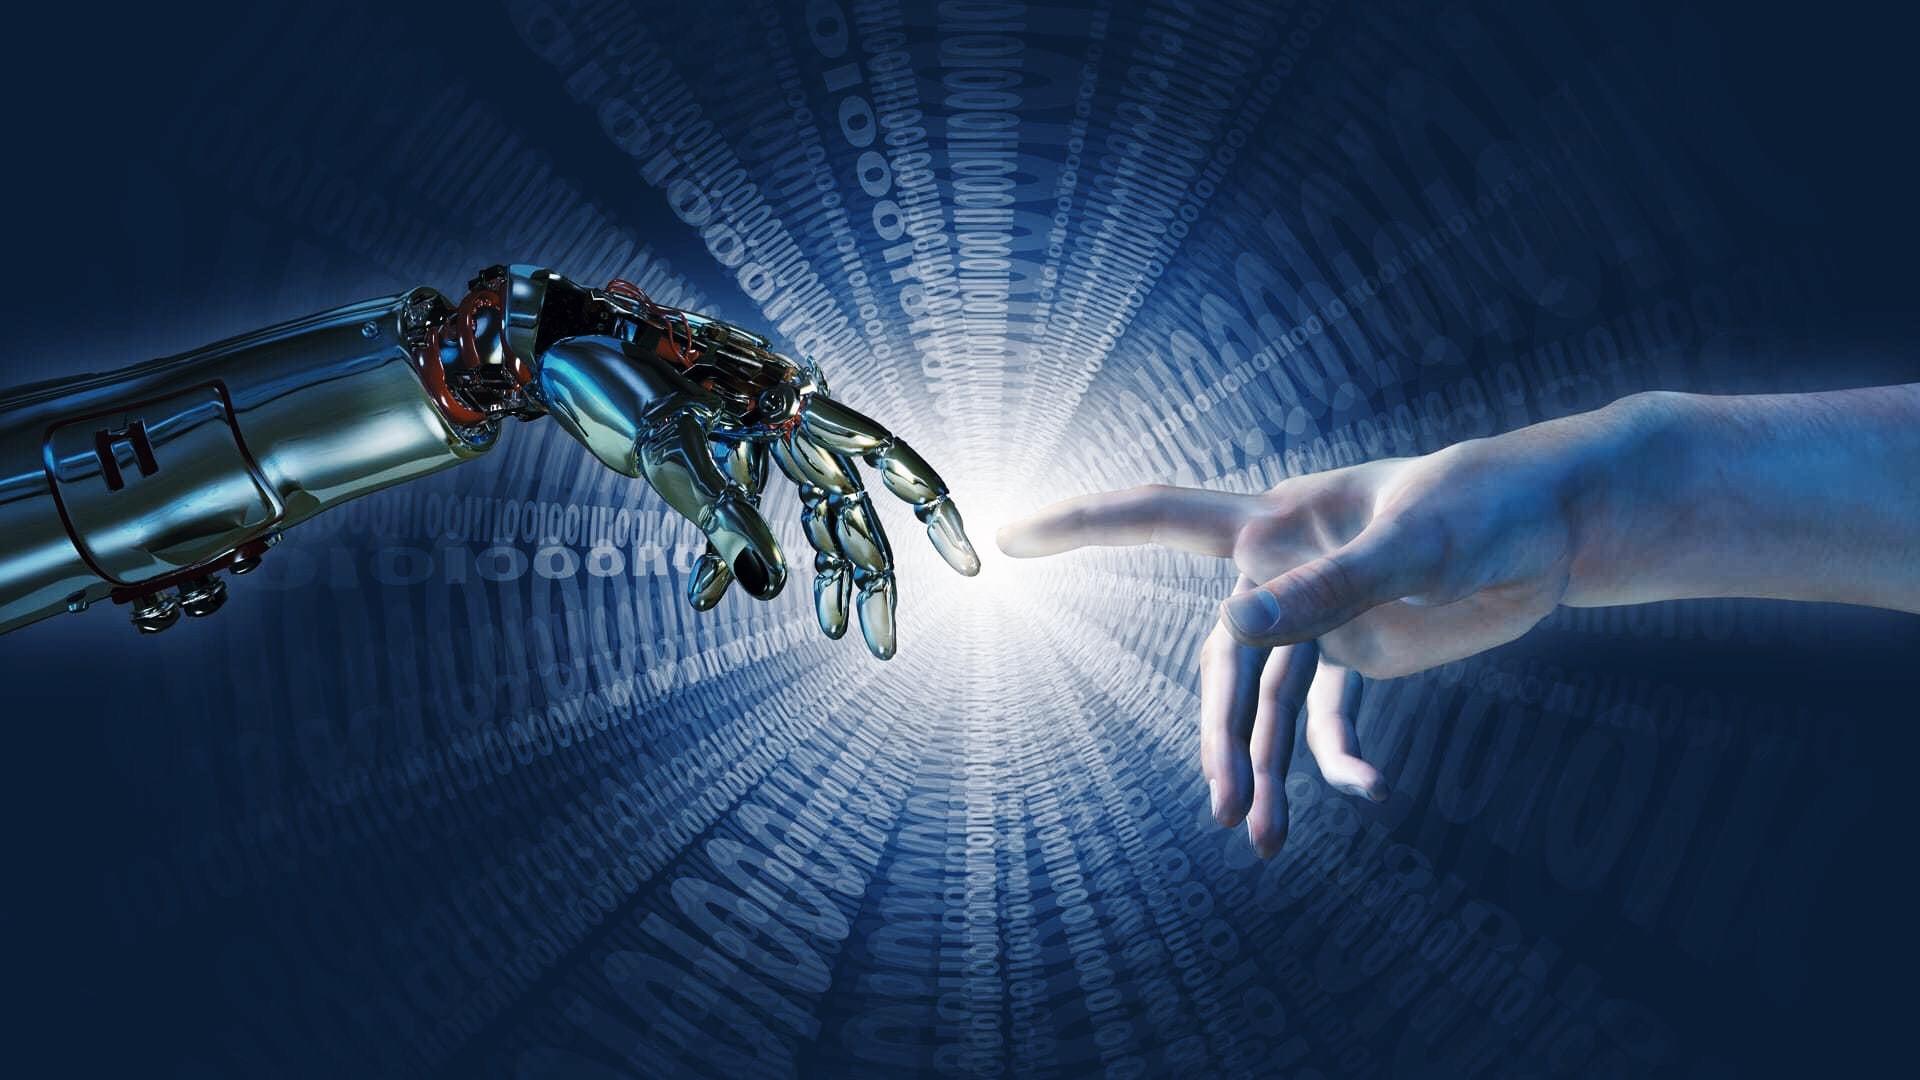 Интеллект воплощенный — человек обогащенный. Как робототехника и киберфизические системы дополняют способности человека?